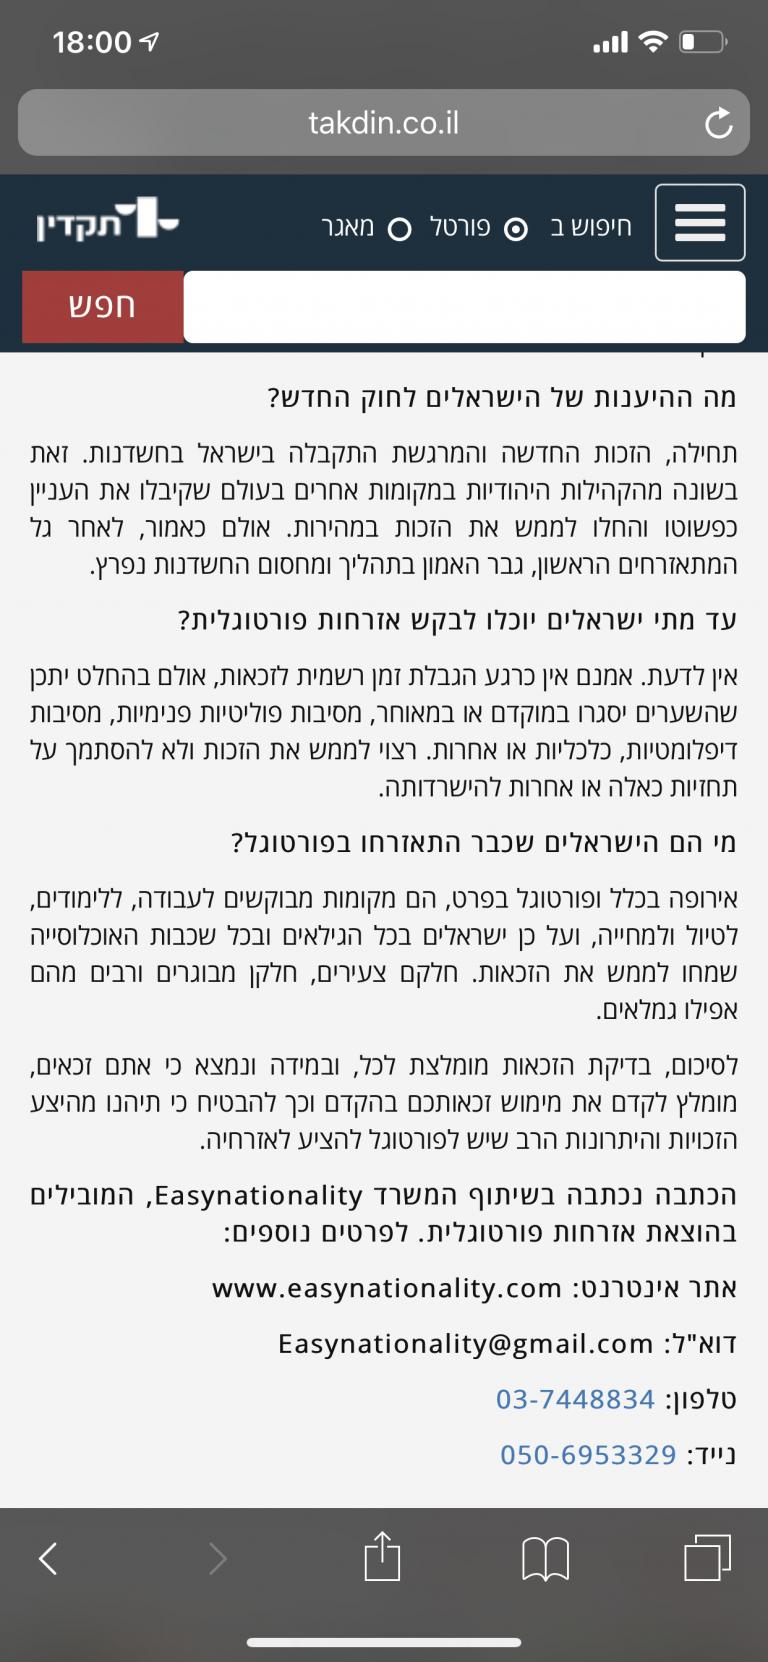 כתבה של איזי נשיונליטי באתר תקדין